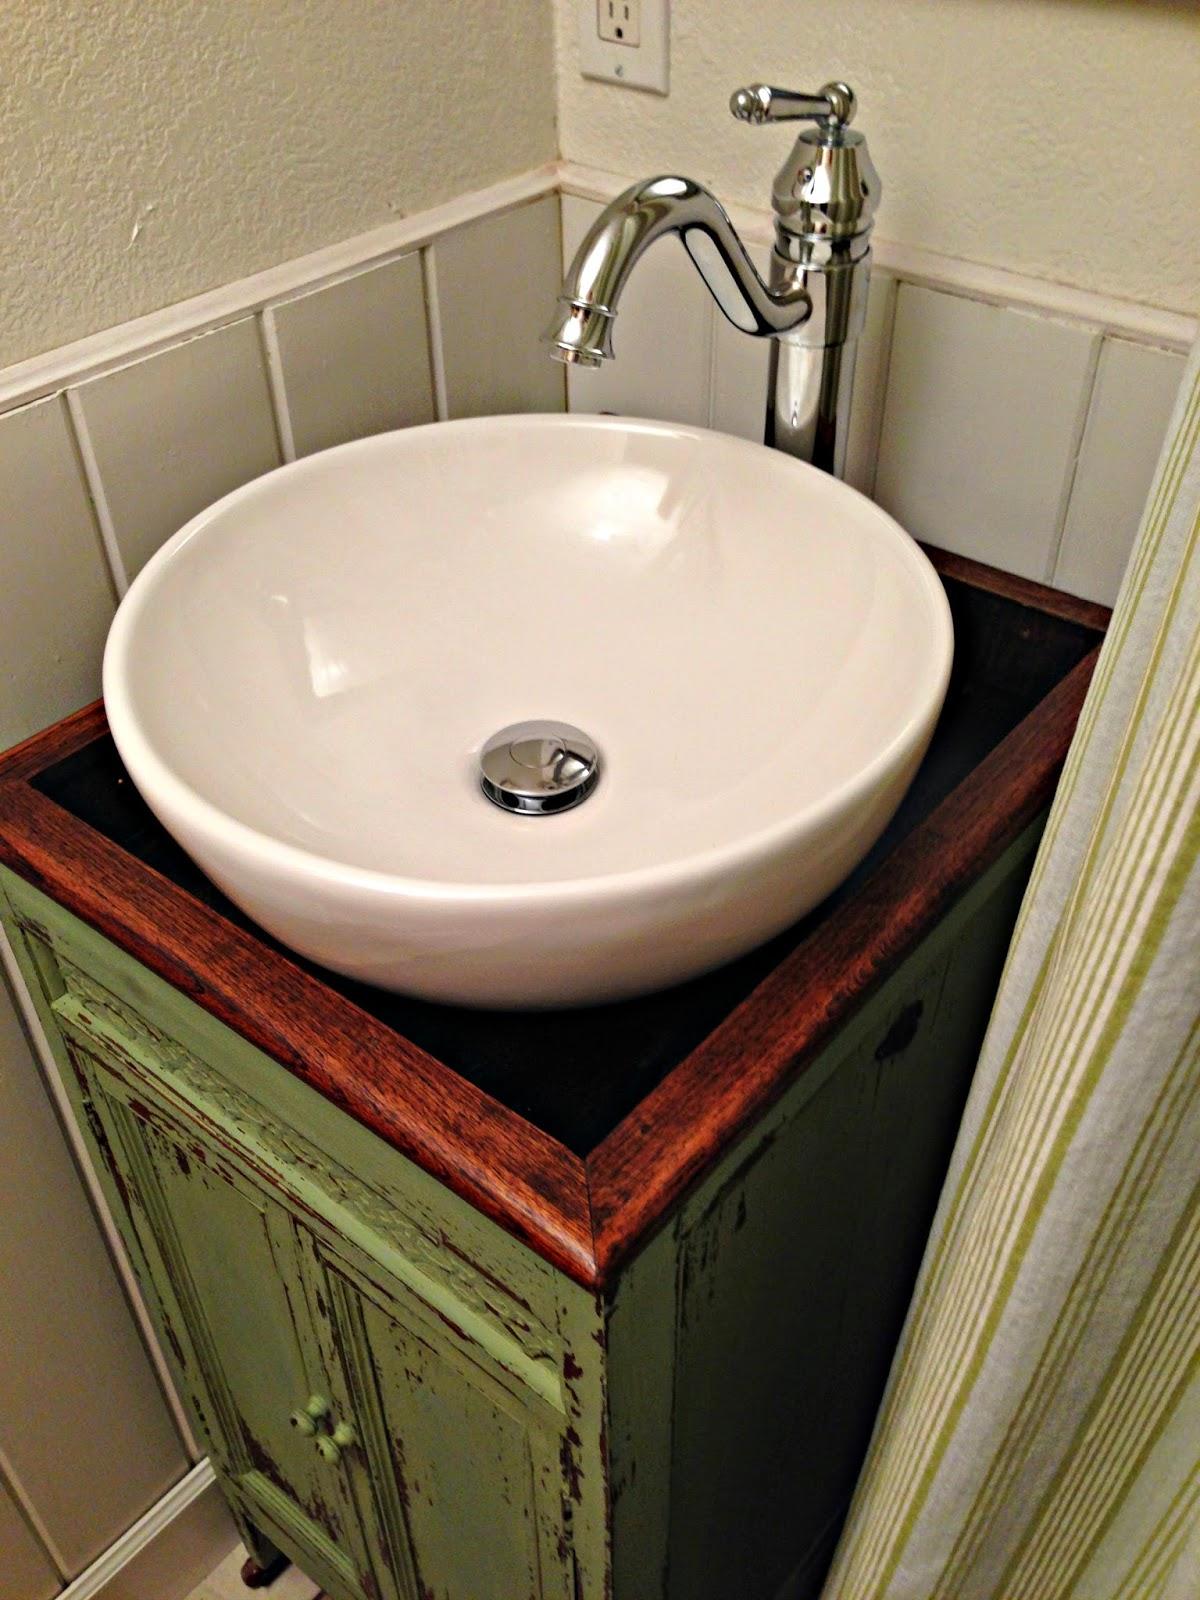 Diy bathroom vanity with vessel sink - Victrola To Vanity Cabinet